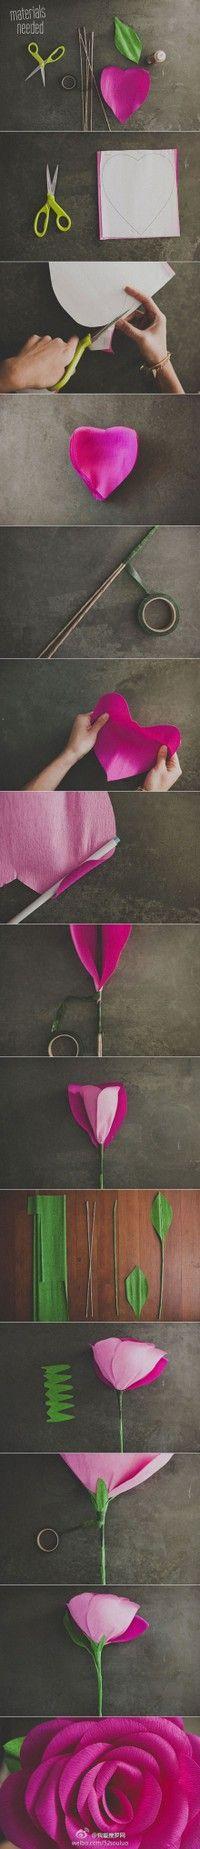 装饰礼品DIY…_来自chuppa的图片分享-堆糖网